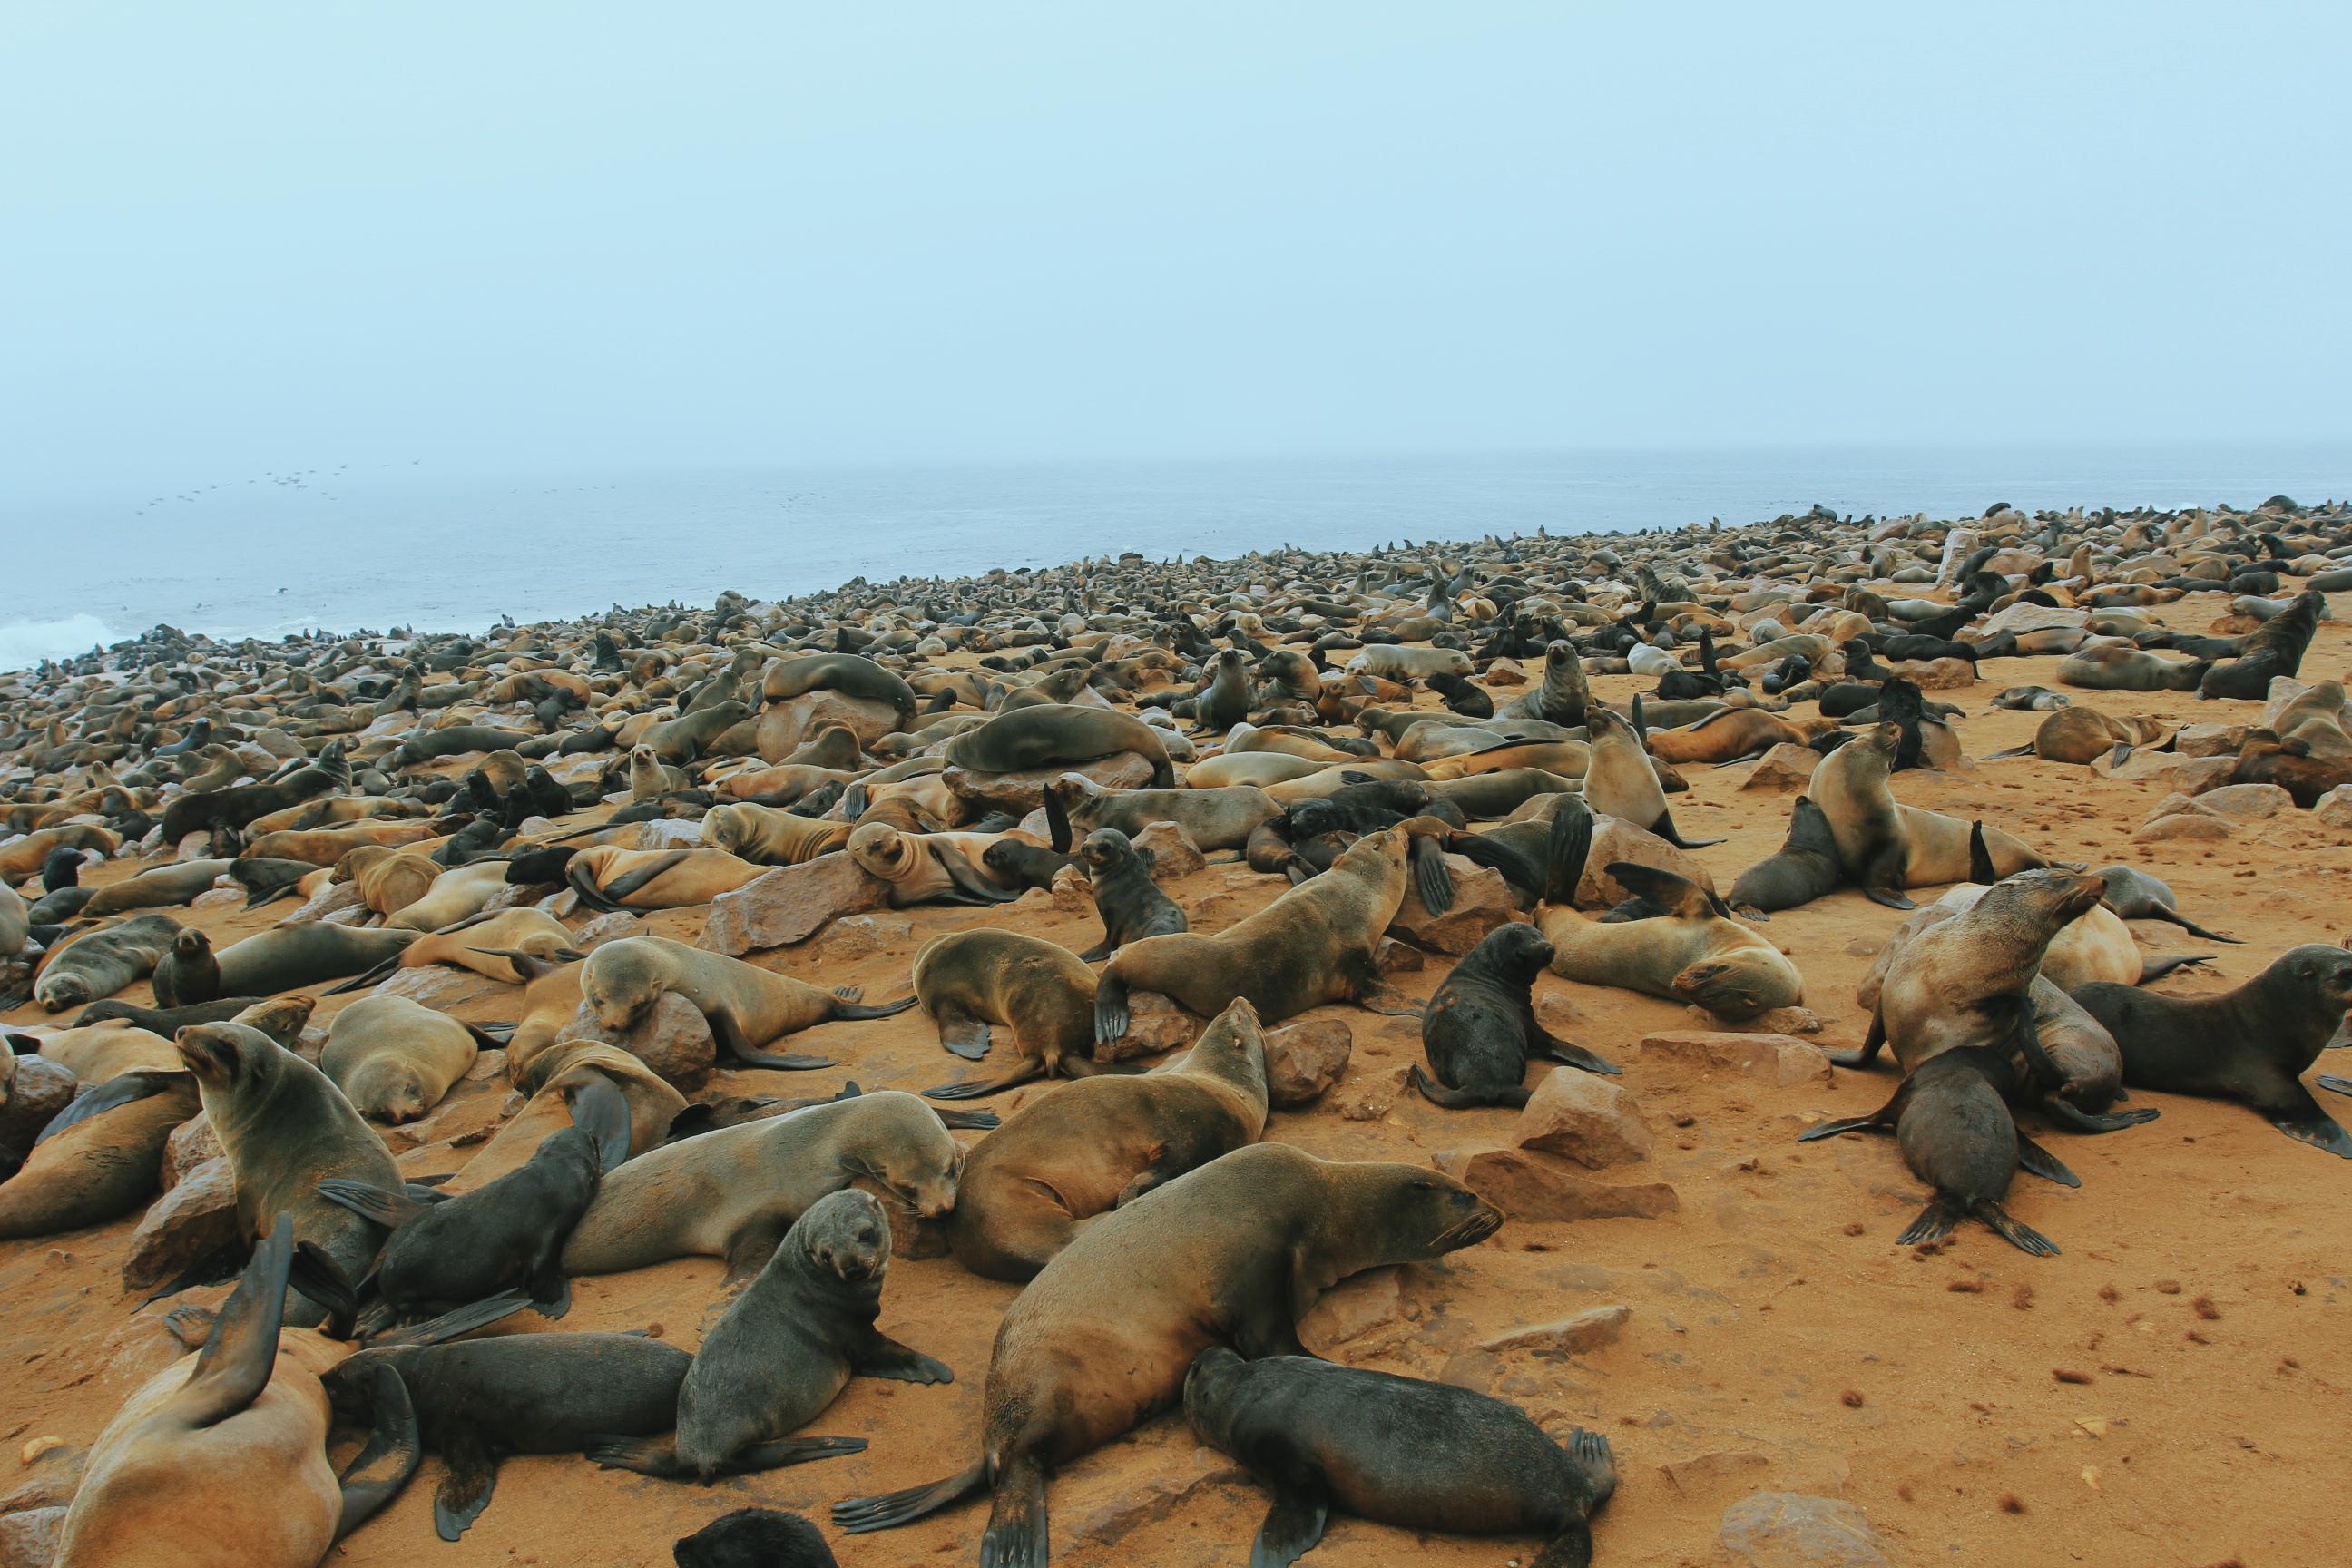 南非旁边的这个国家,拥有成群的火烈鸟、海豹和大象